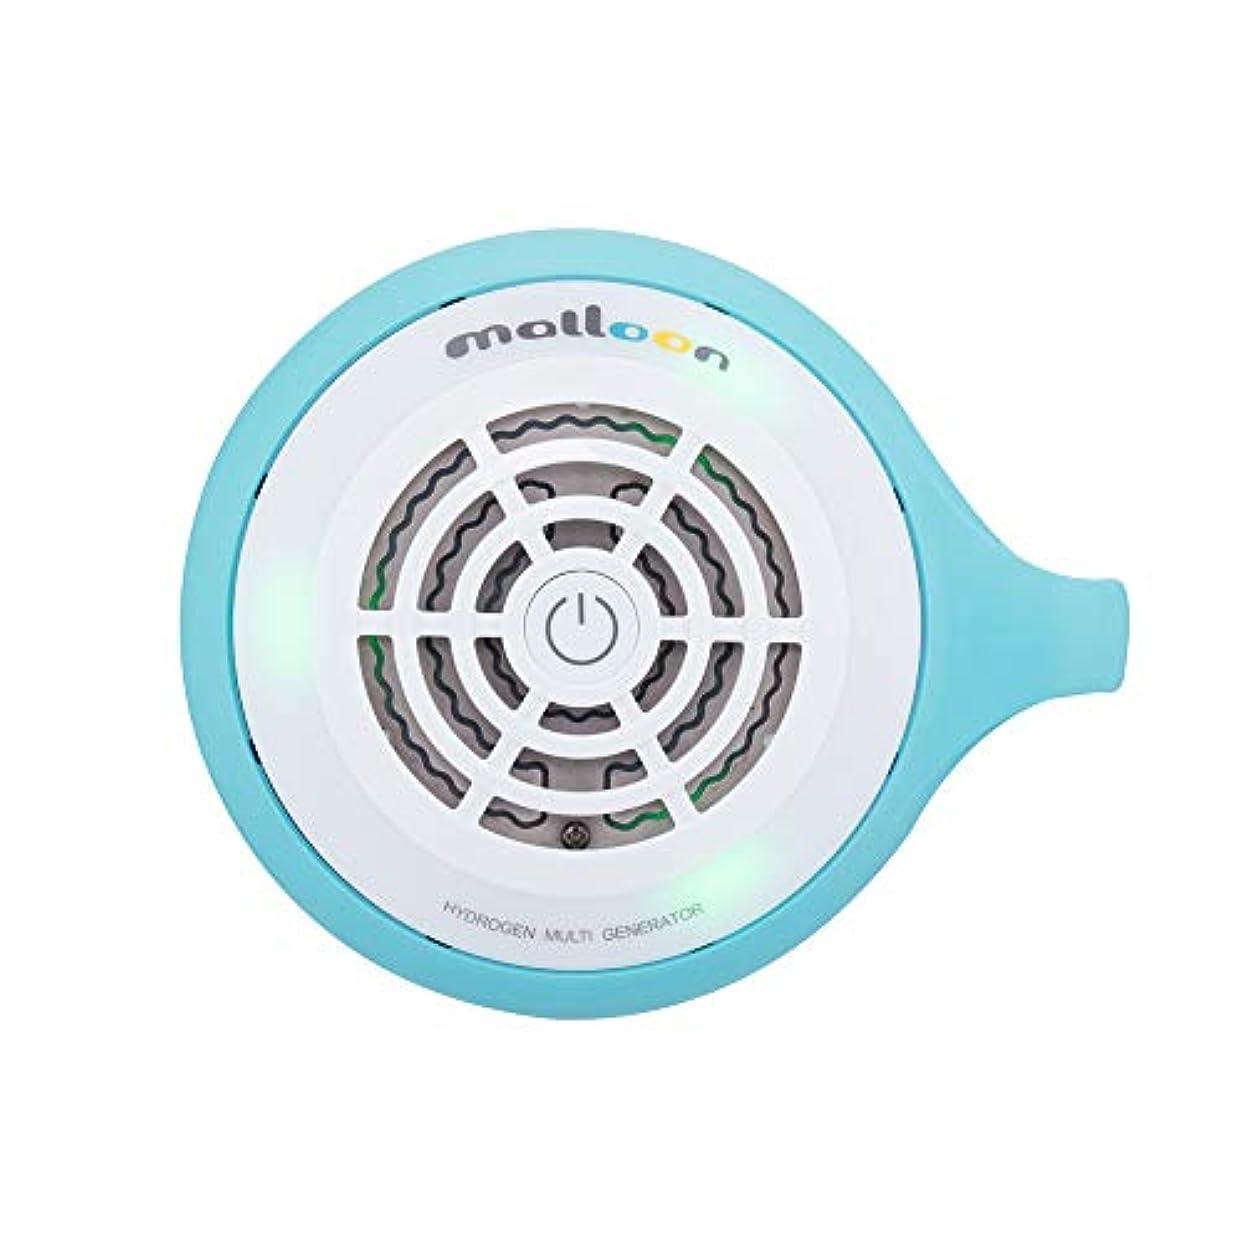 イデオロギー広範囲に多年生フラックス 水素水生成器 水素風呂 マルーン(malloon) ルリ FLMA-16 Ruri